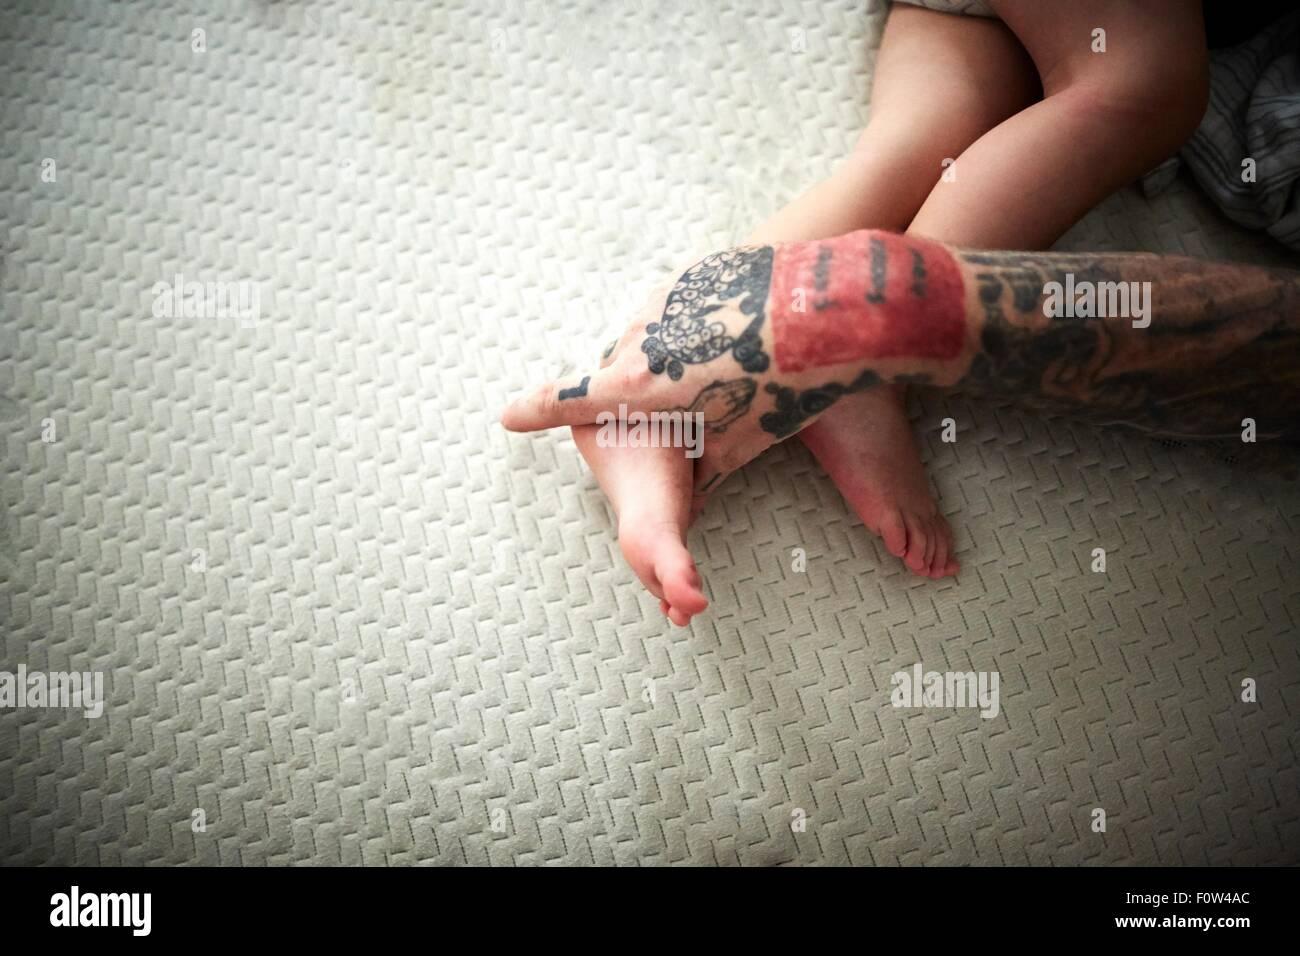 Tatuato mano appoggiata sul ragazzo per le gambe Immagini Stock